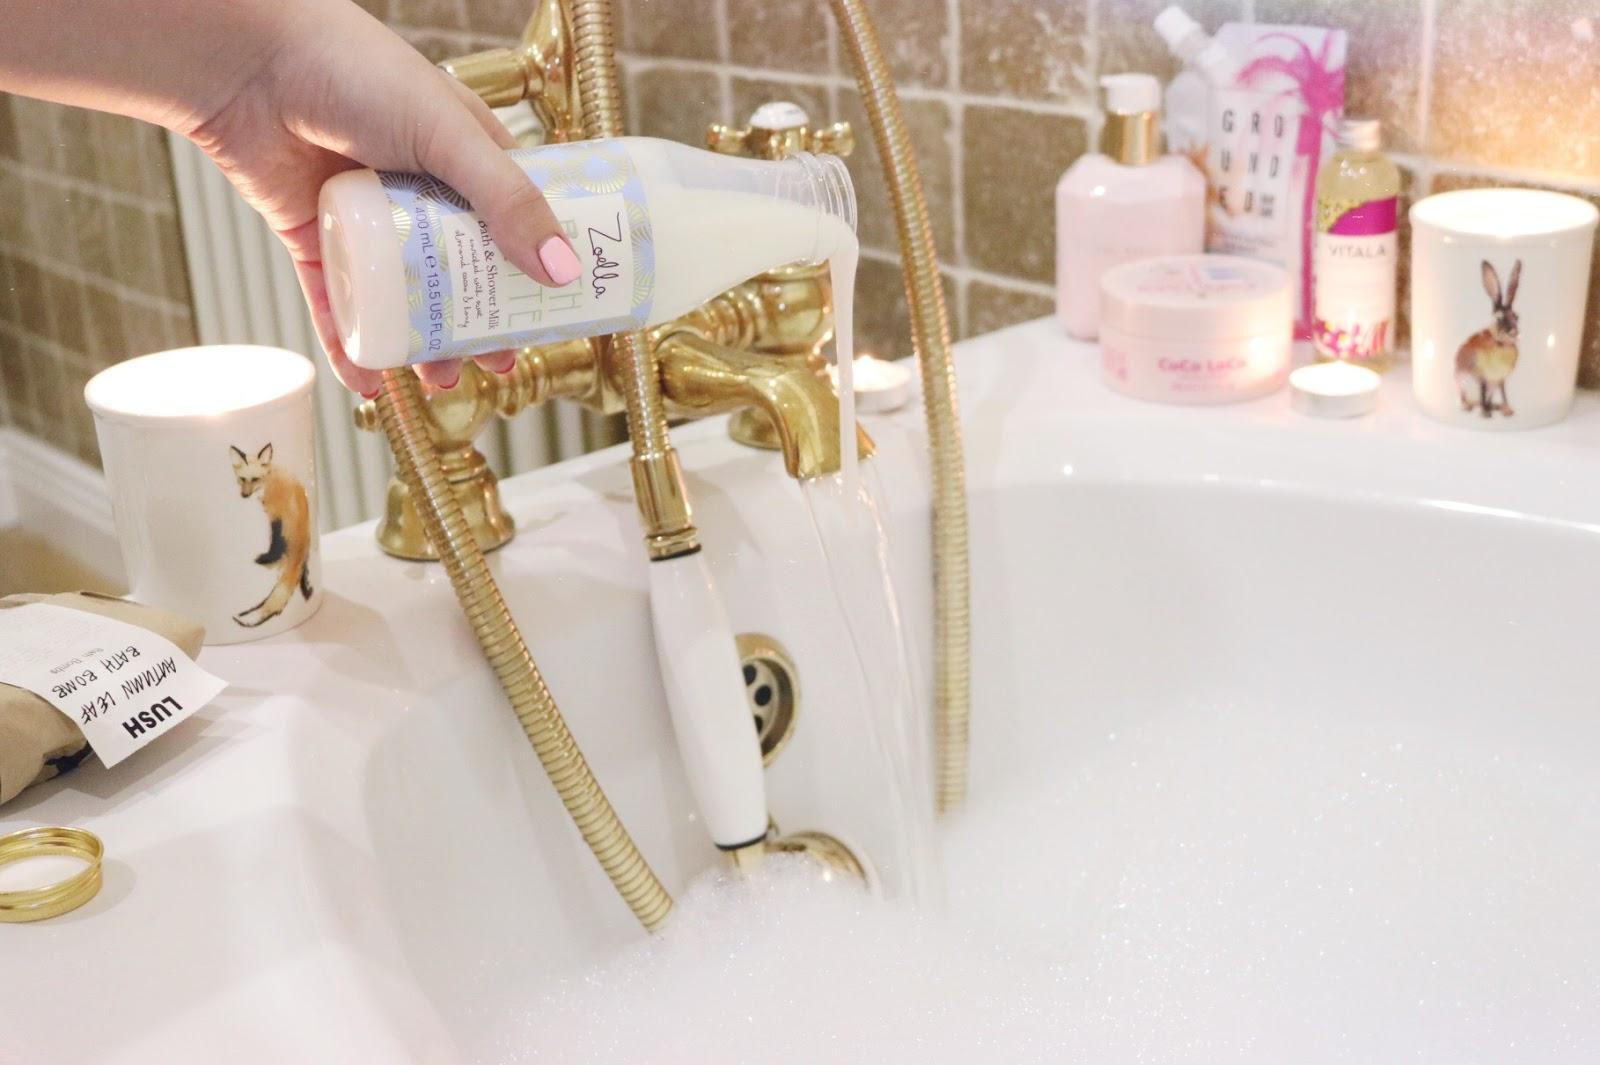 Výsledek obrázku pro pamper routine shower